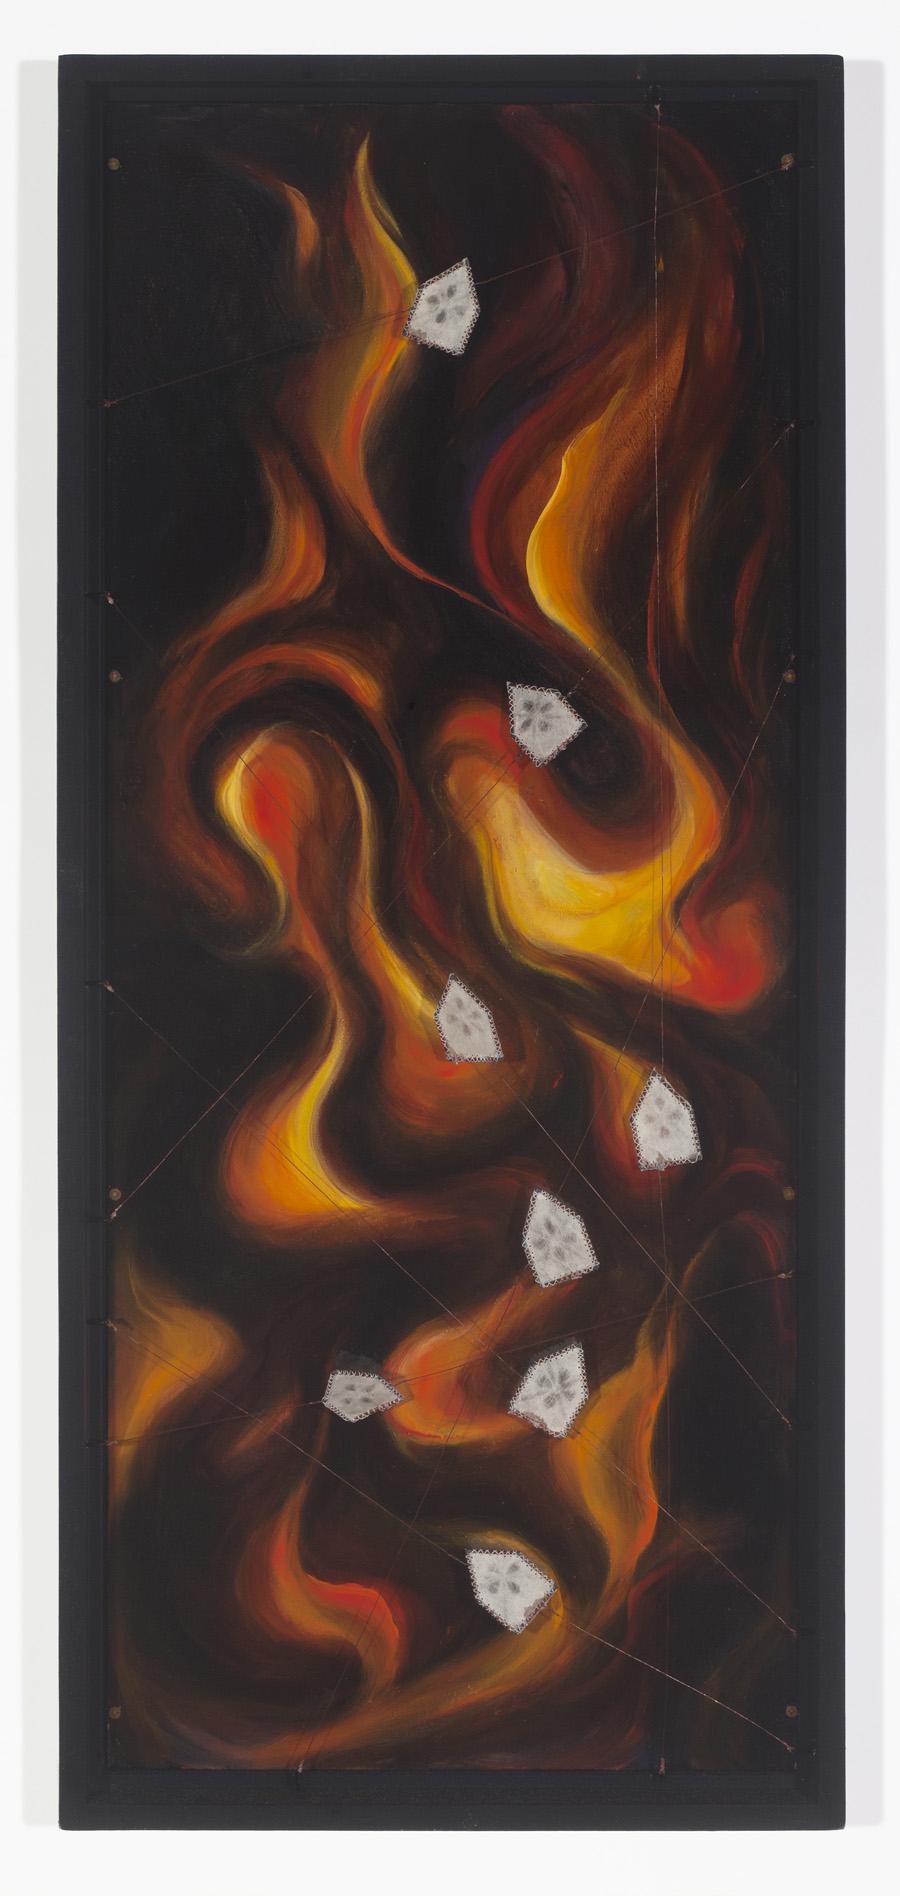 Rachel Mello  -  Fire Season  -  copper wire, solder, paper, thread, oil paint, hardboard  -  30.5 x 13.5 x 2  -  $1600